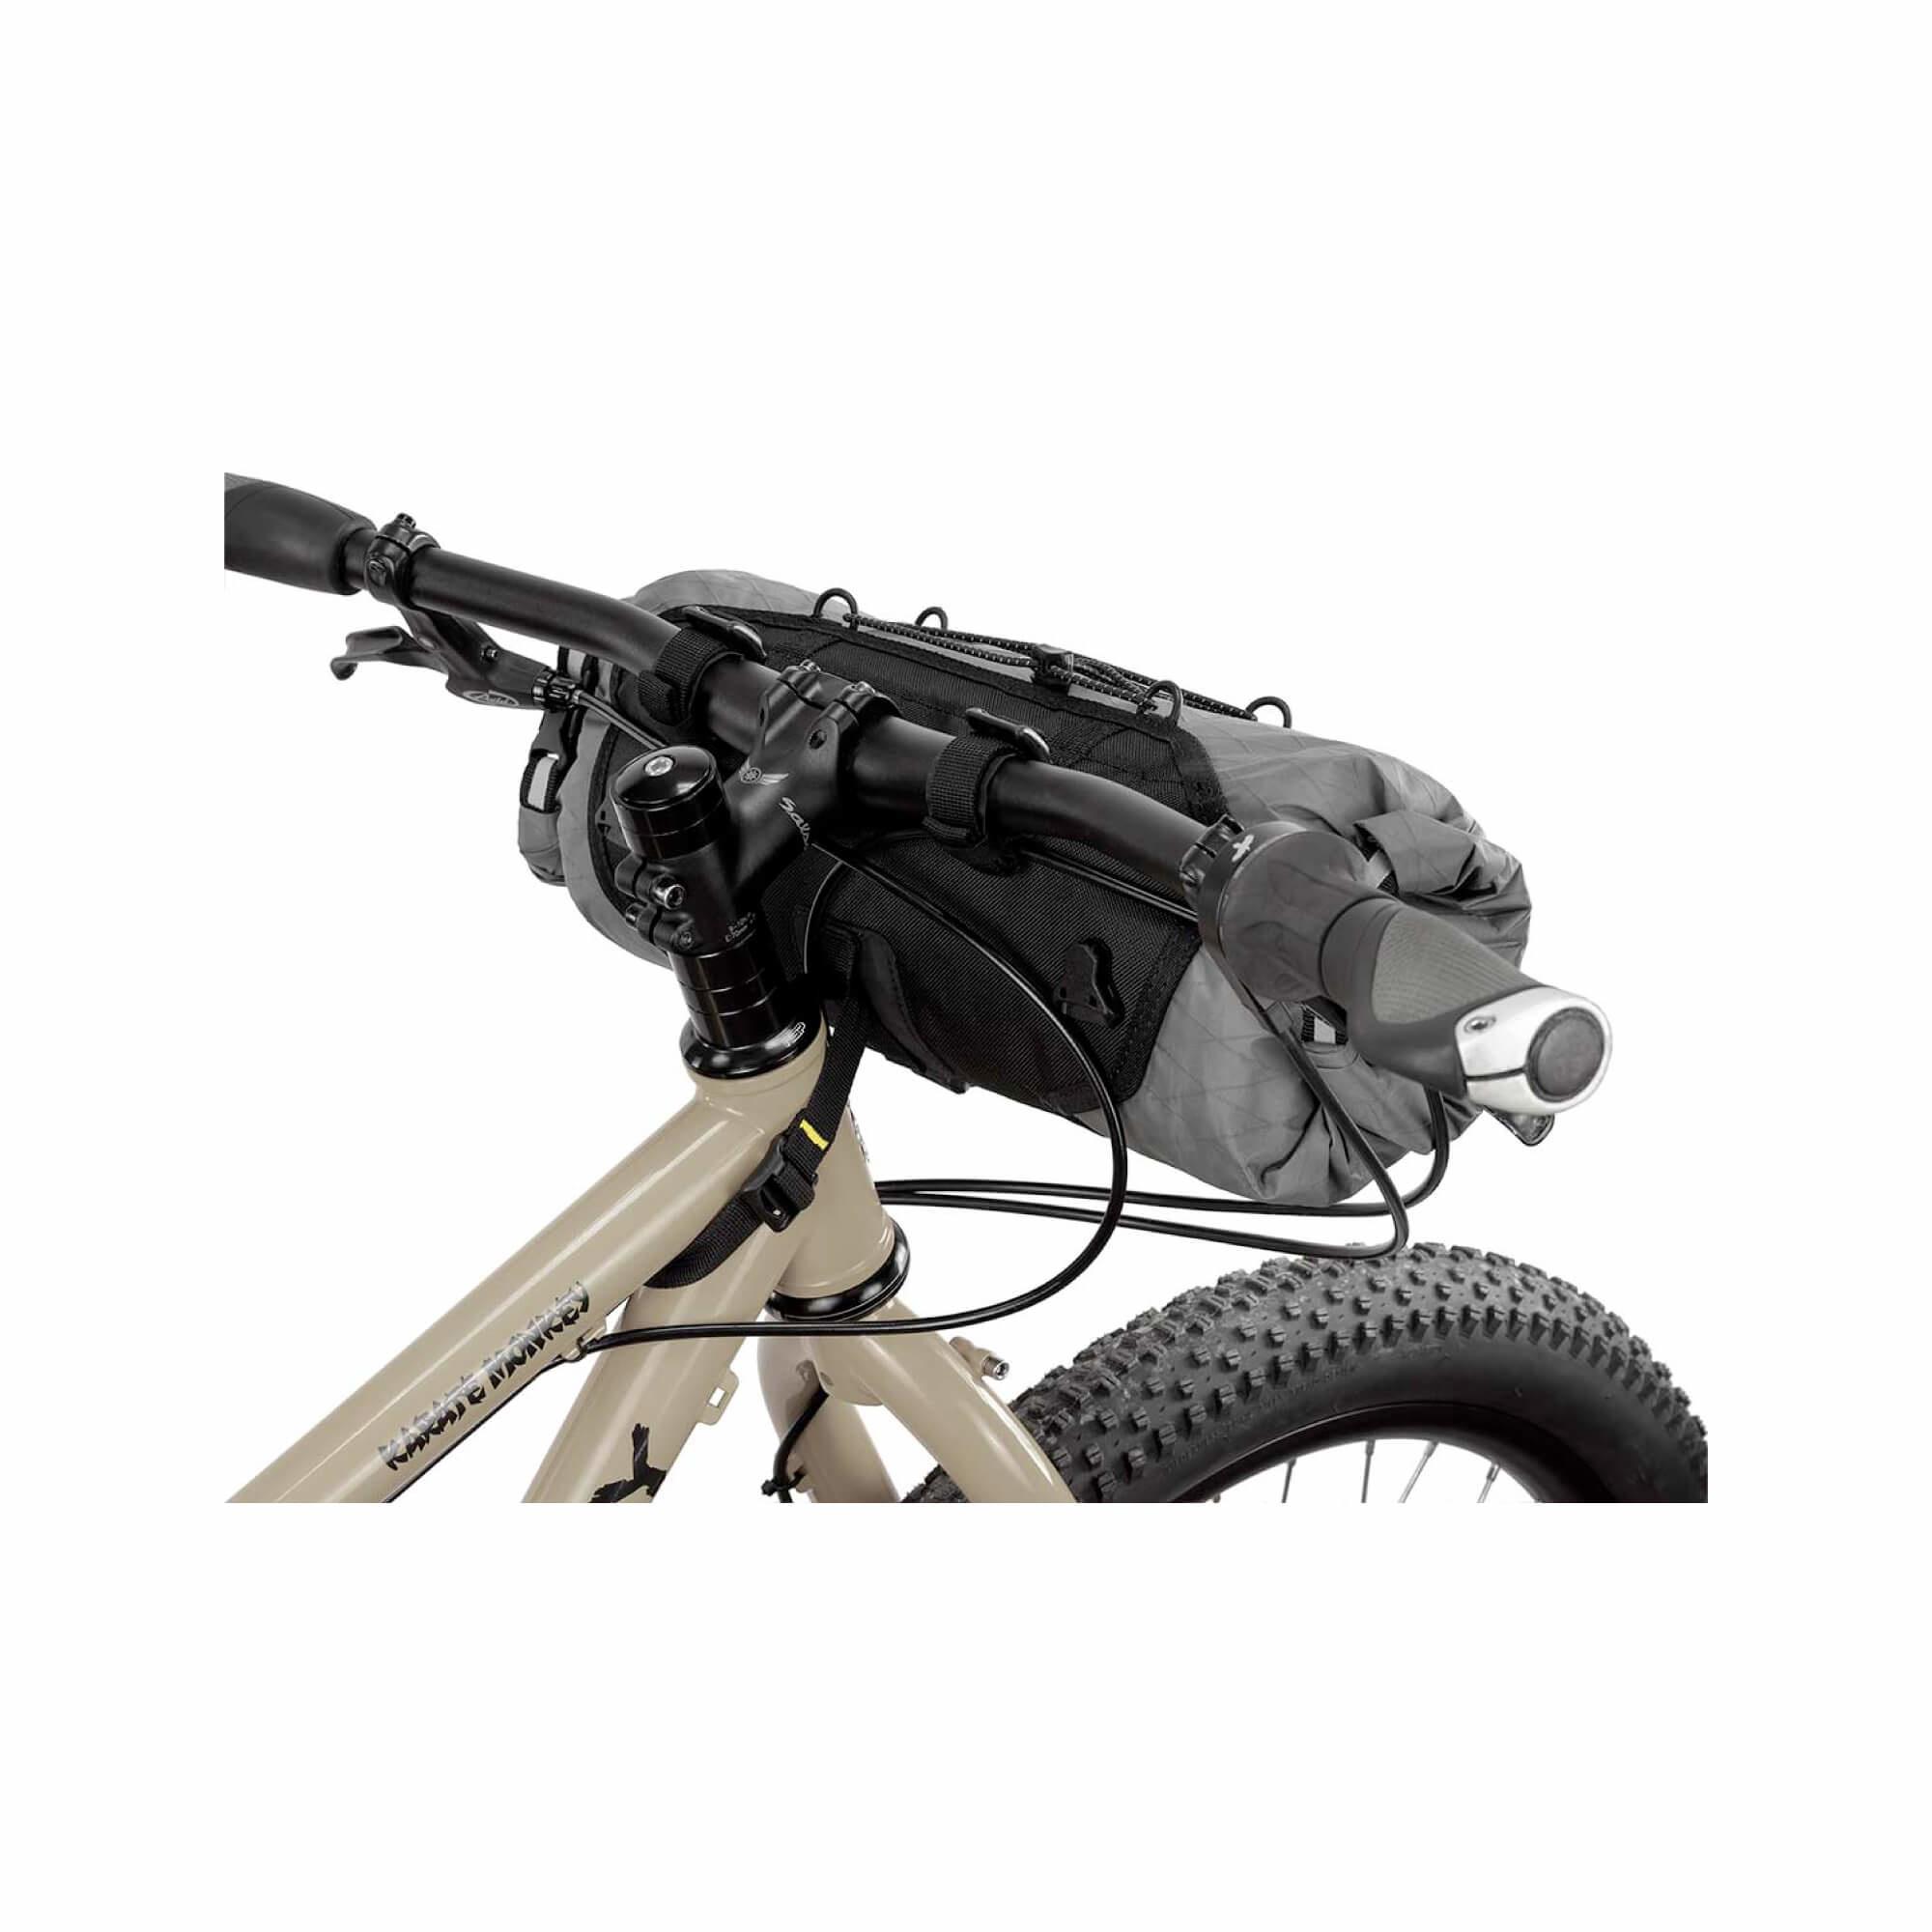 Backcountry Handlebar Pack-6